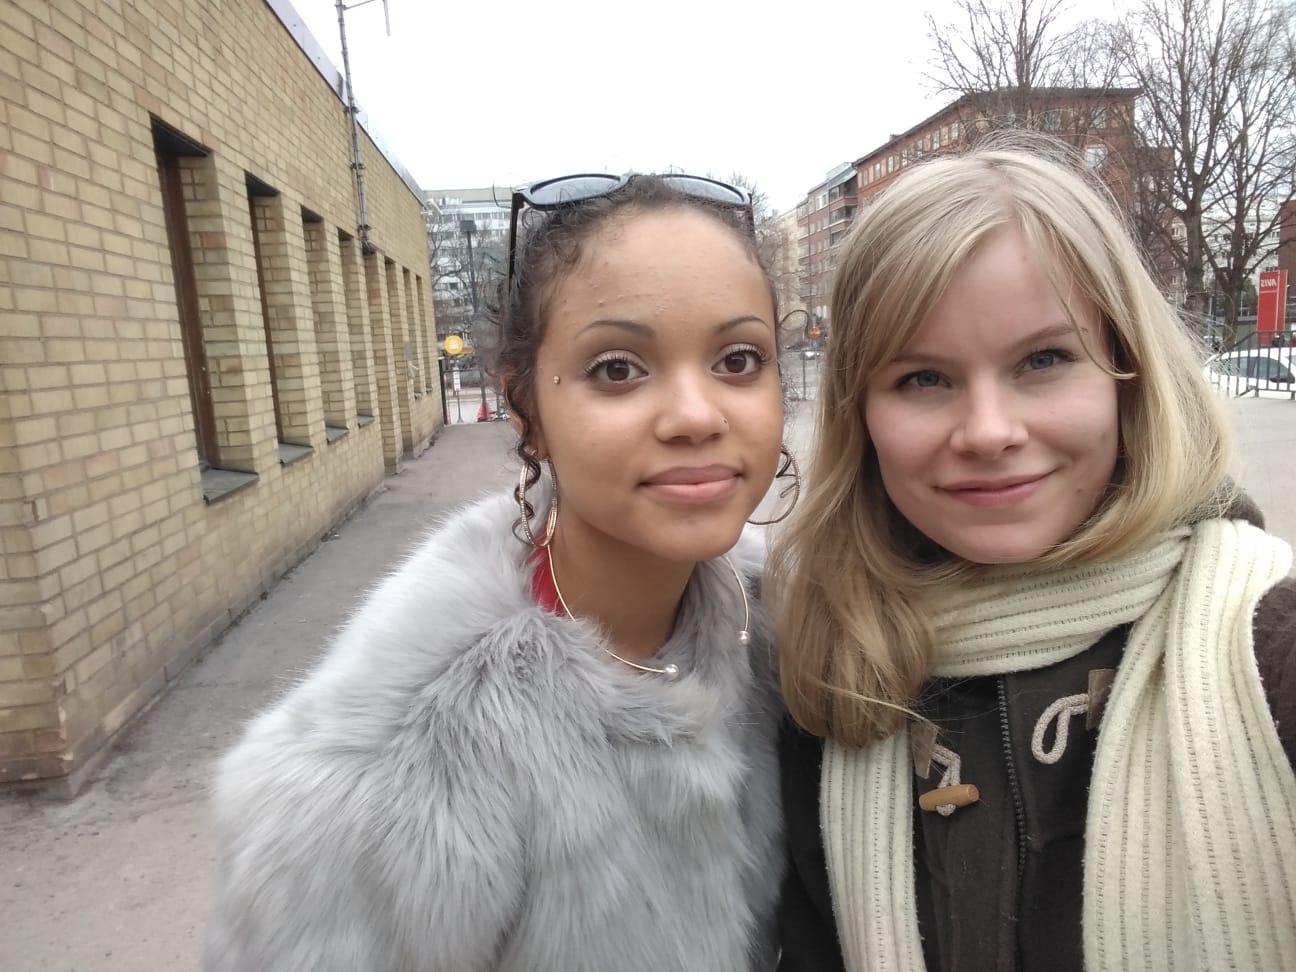 Lucy ja Vilma osallistuivat Turussa 30.3.2019 järjestettyyn nuorten jälkihuoltofoorumiin.